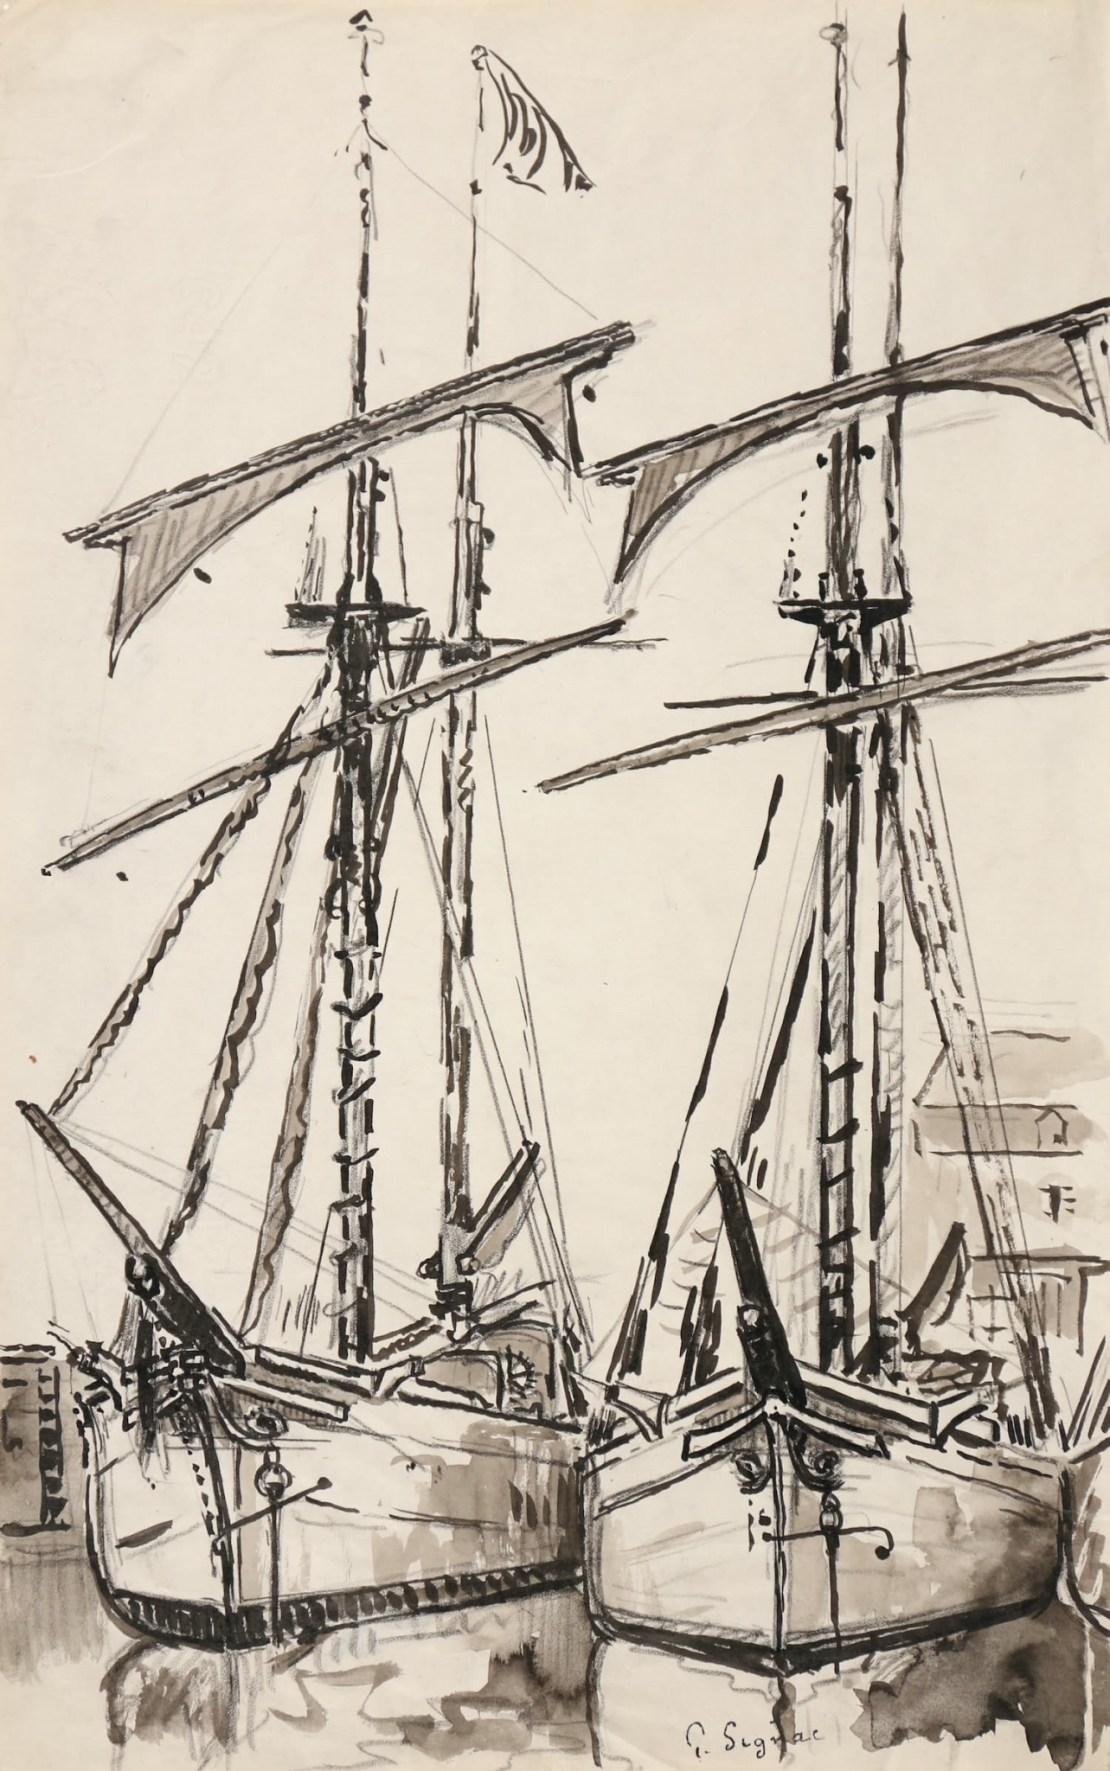 Paul Signac, Deux goélettes à quai